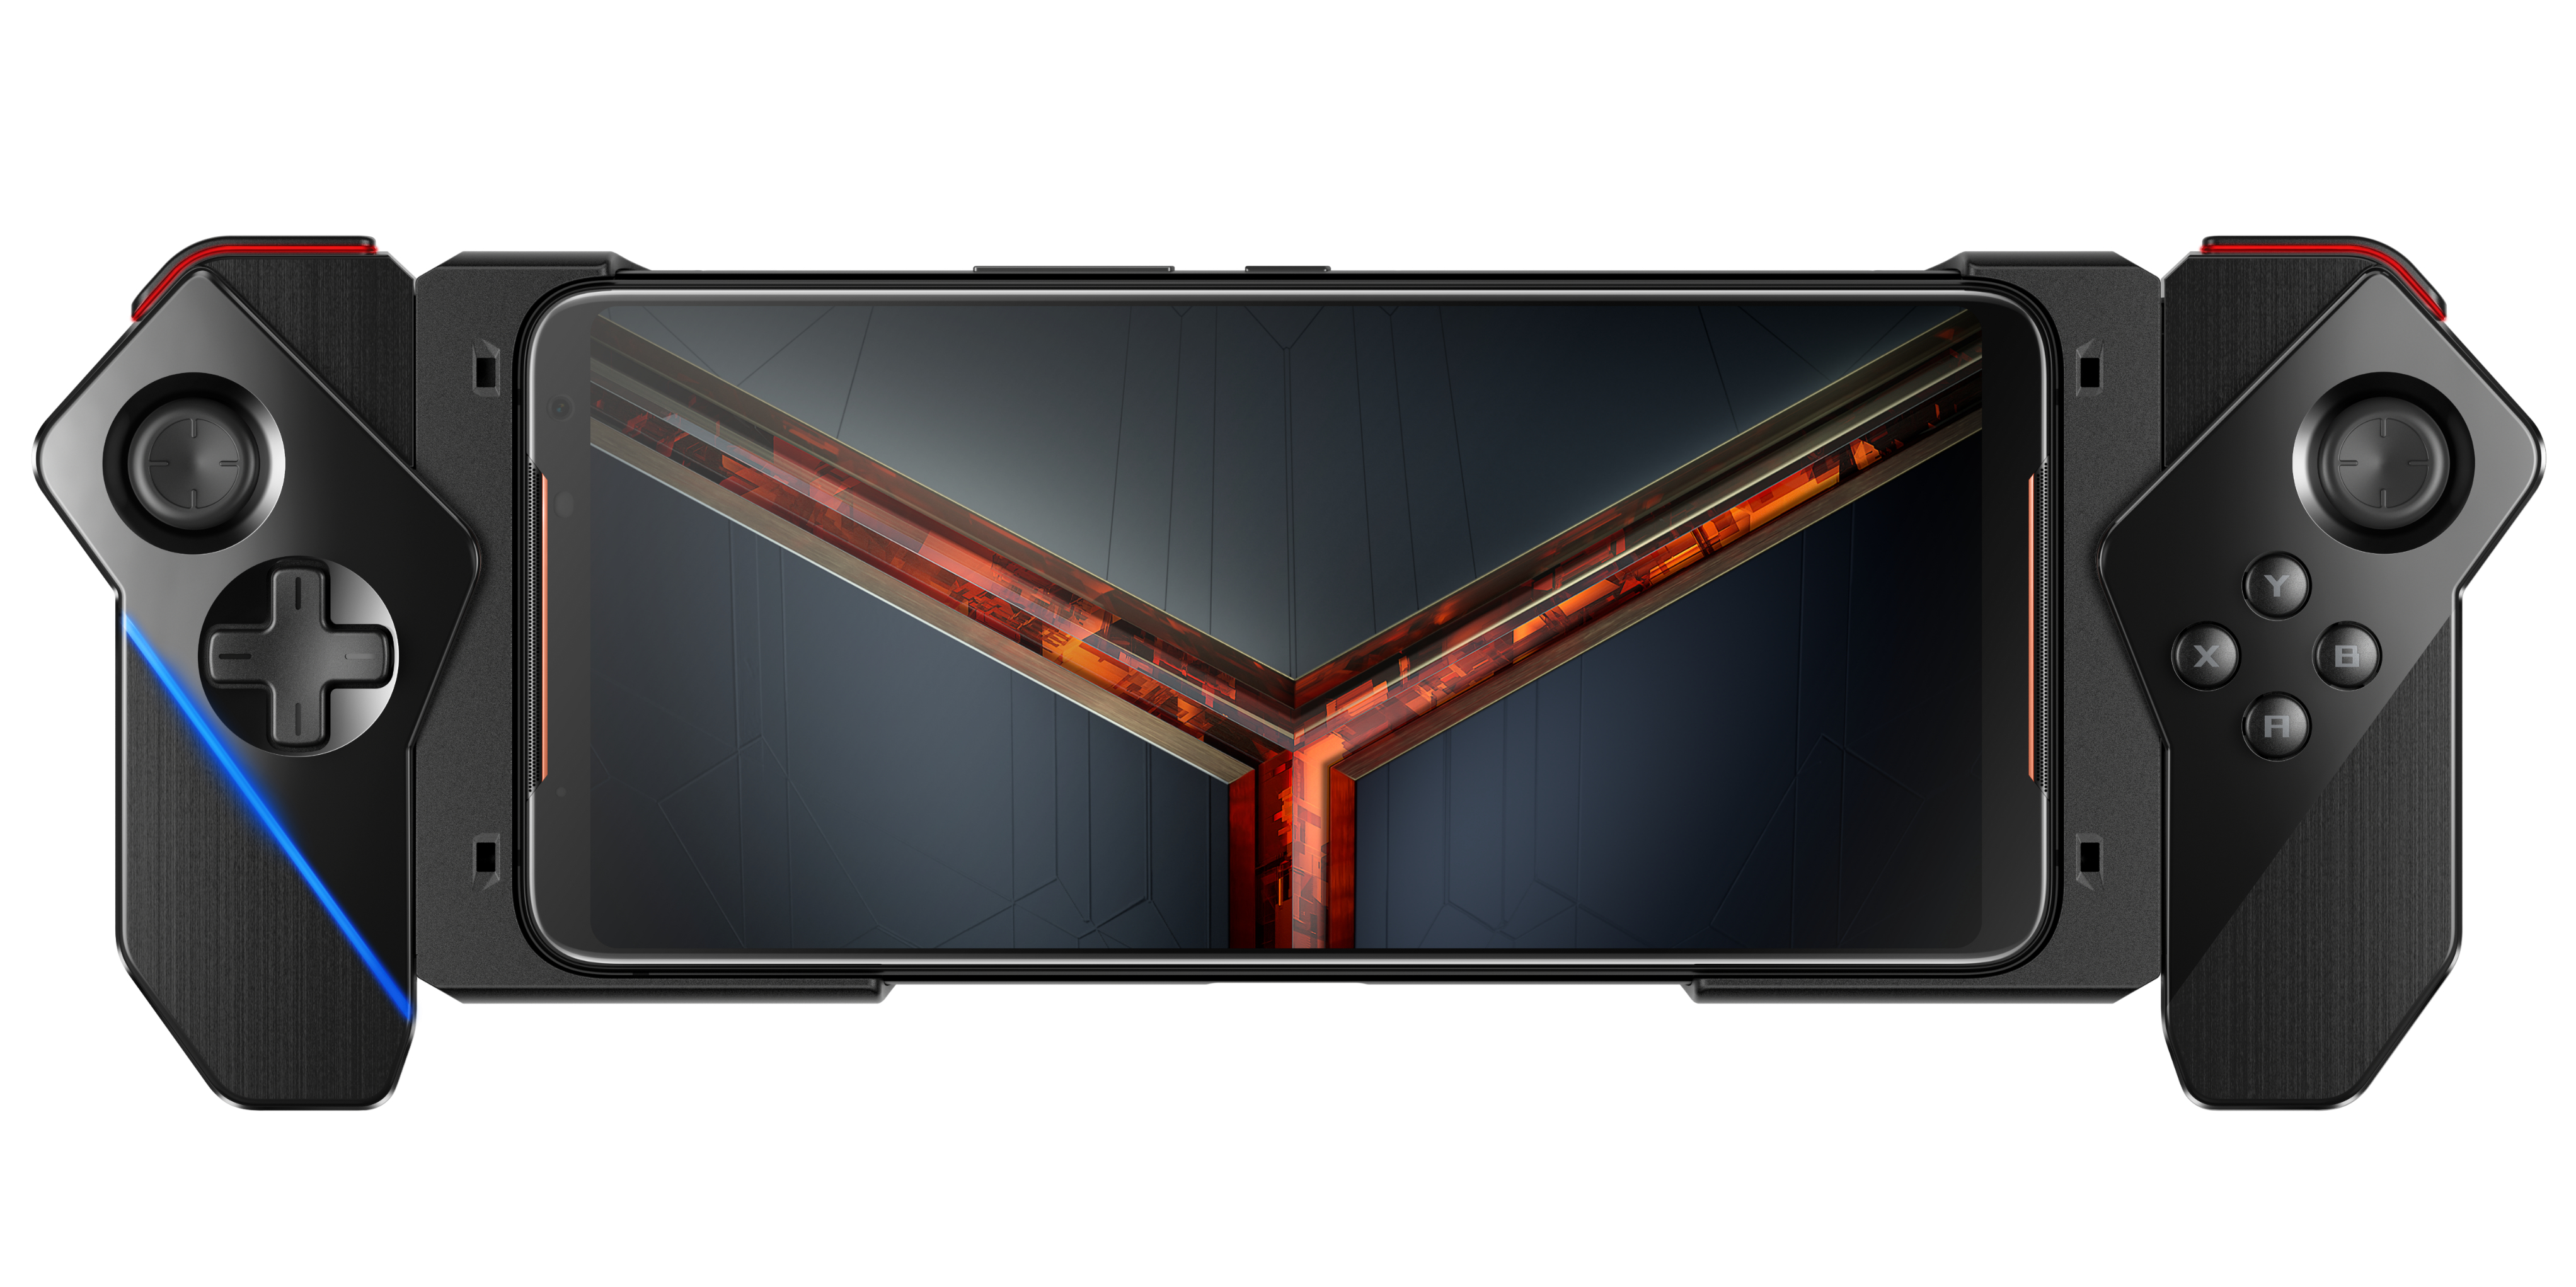 El increíblemente poderoso ASUS ROG Phone II puede ejecutar este juego a 120 fps 3